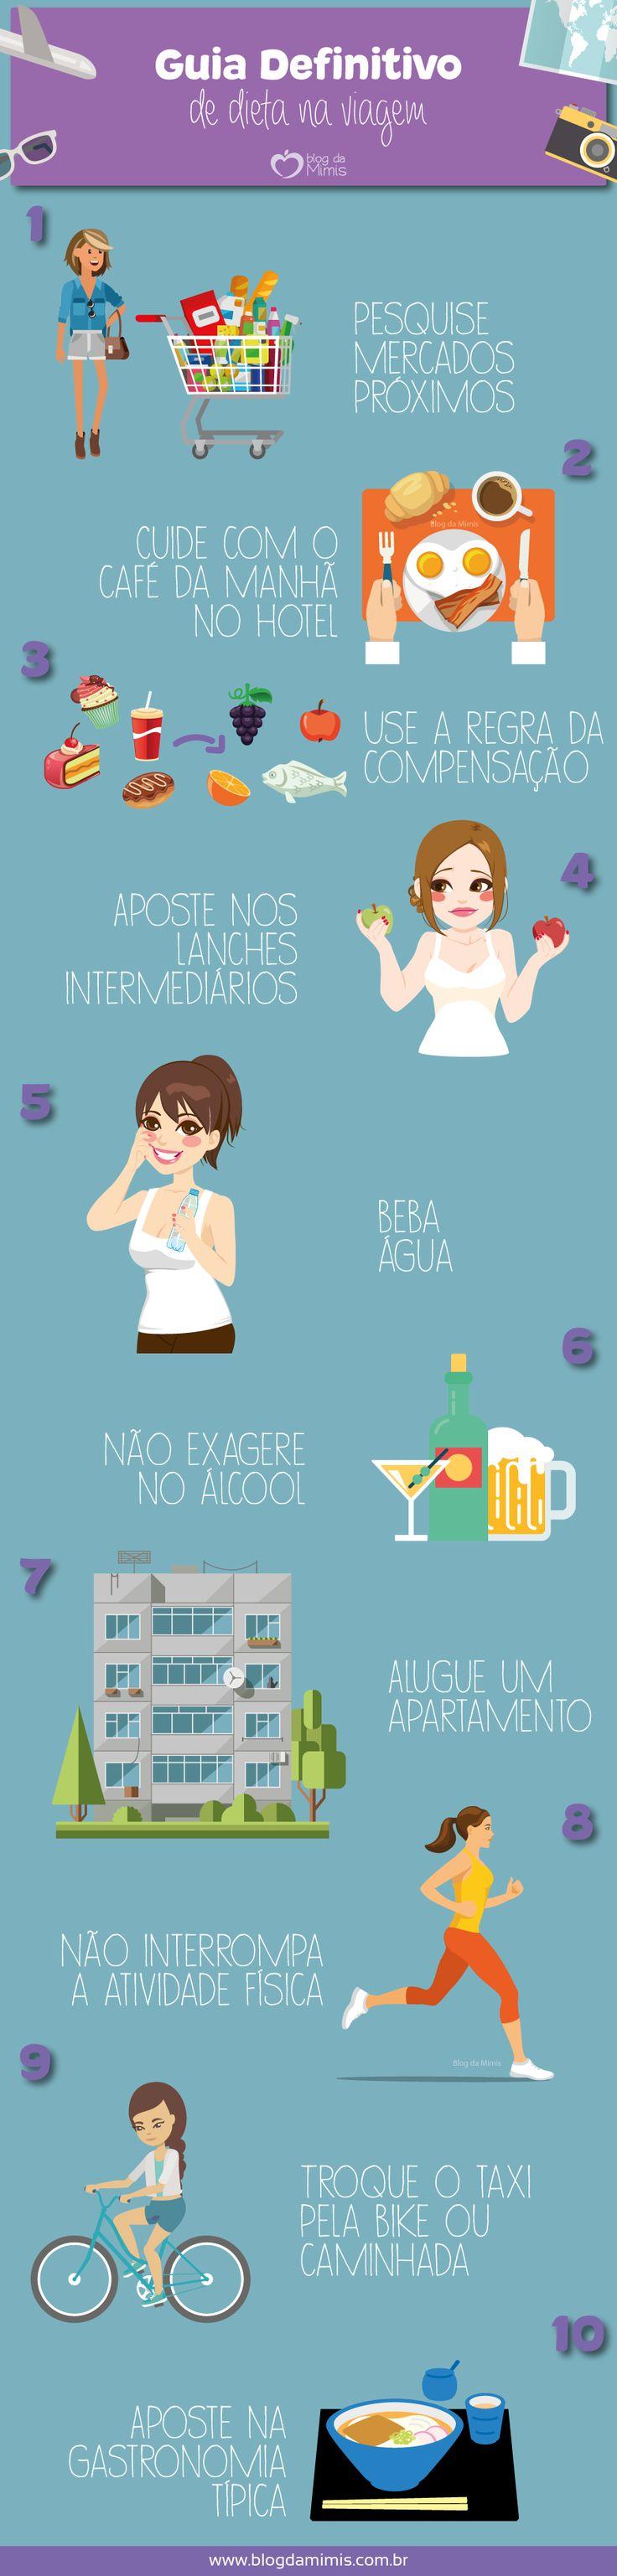 10 Dicas infalíveis para manter a dieta nas férias - Blog da Mimis #viagem #férias #dieta #travel #vacation #diet